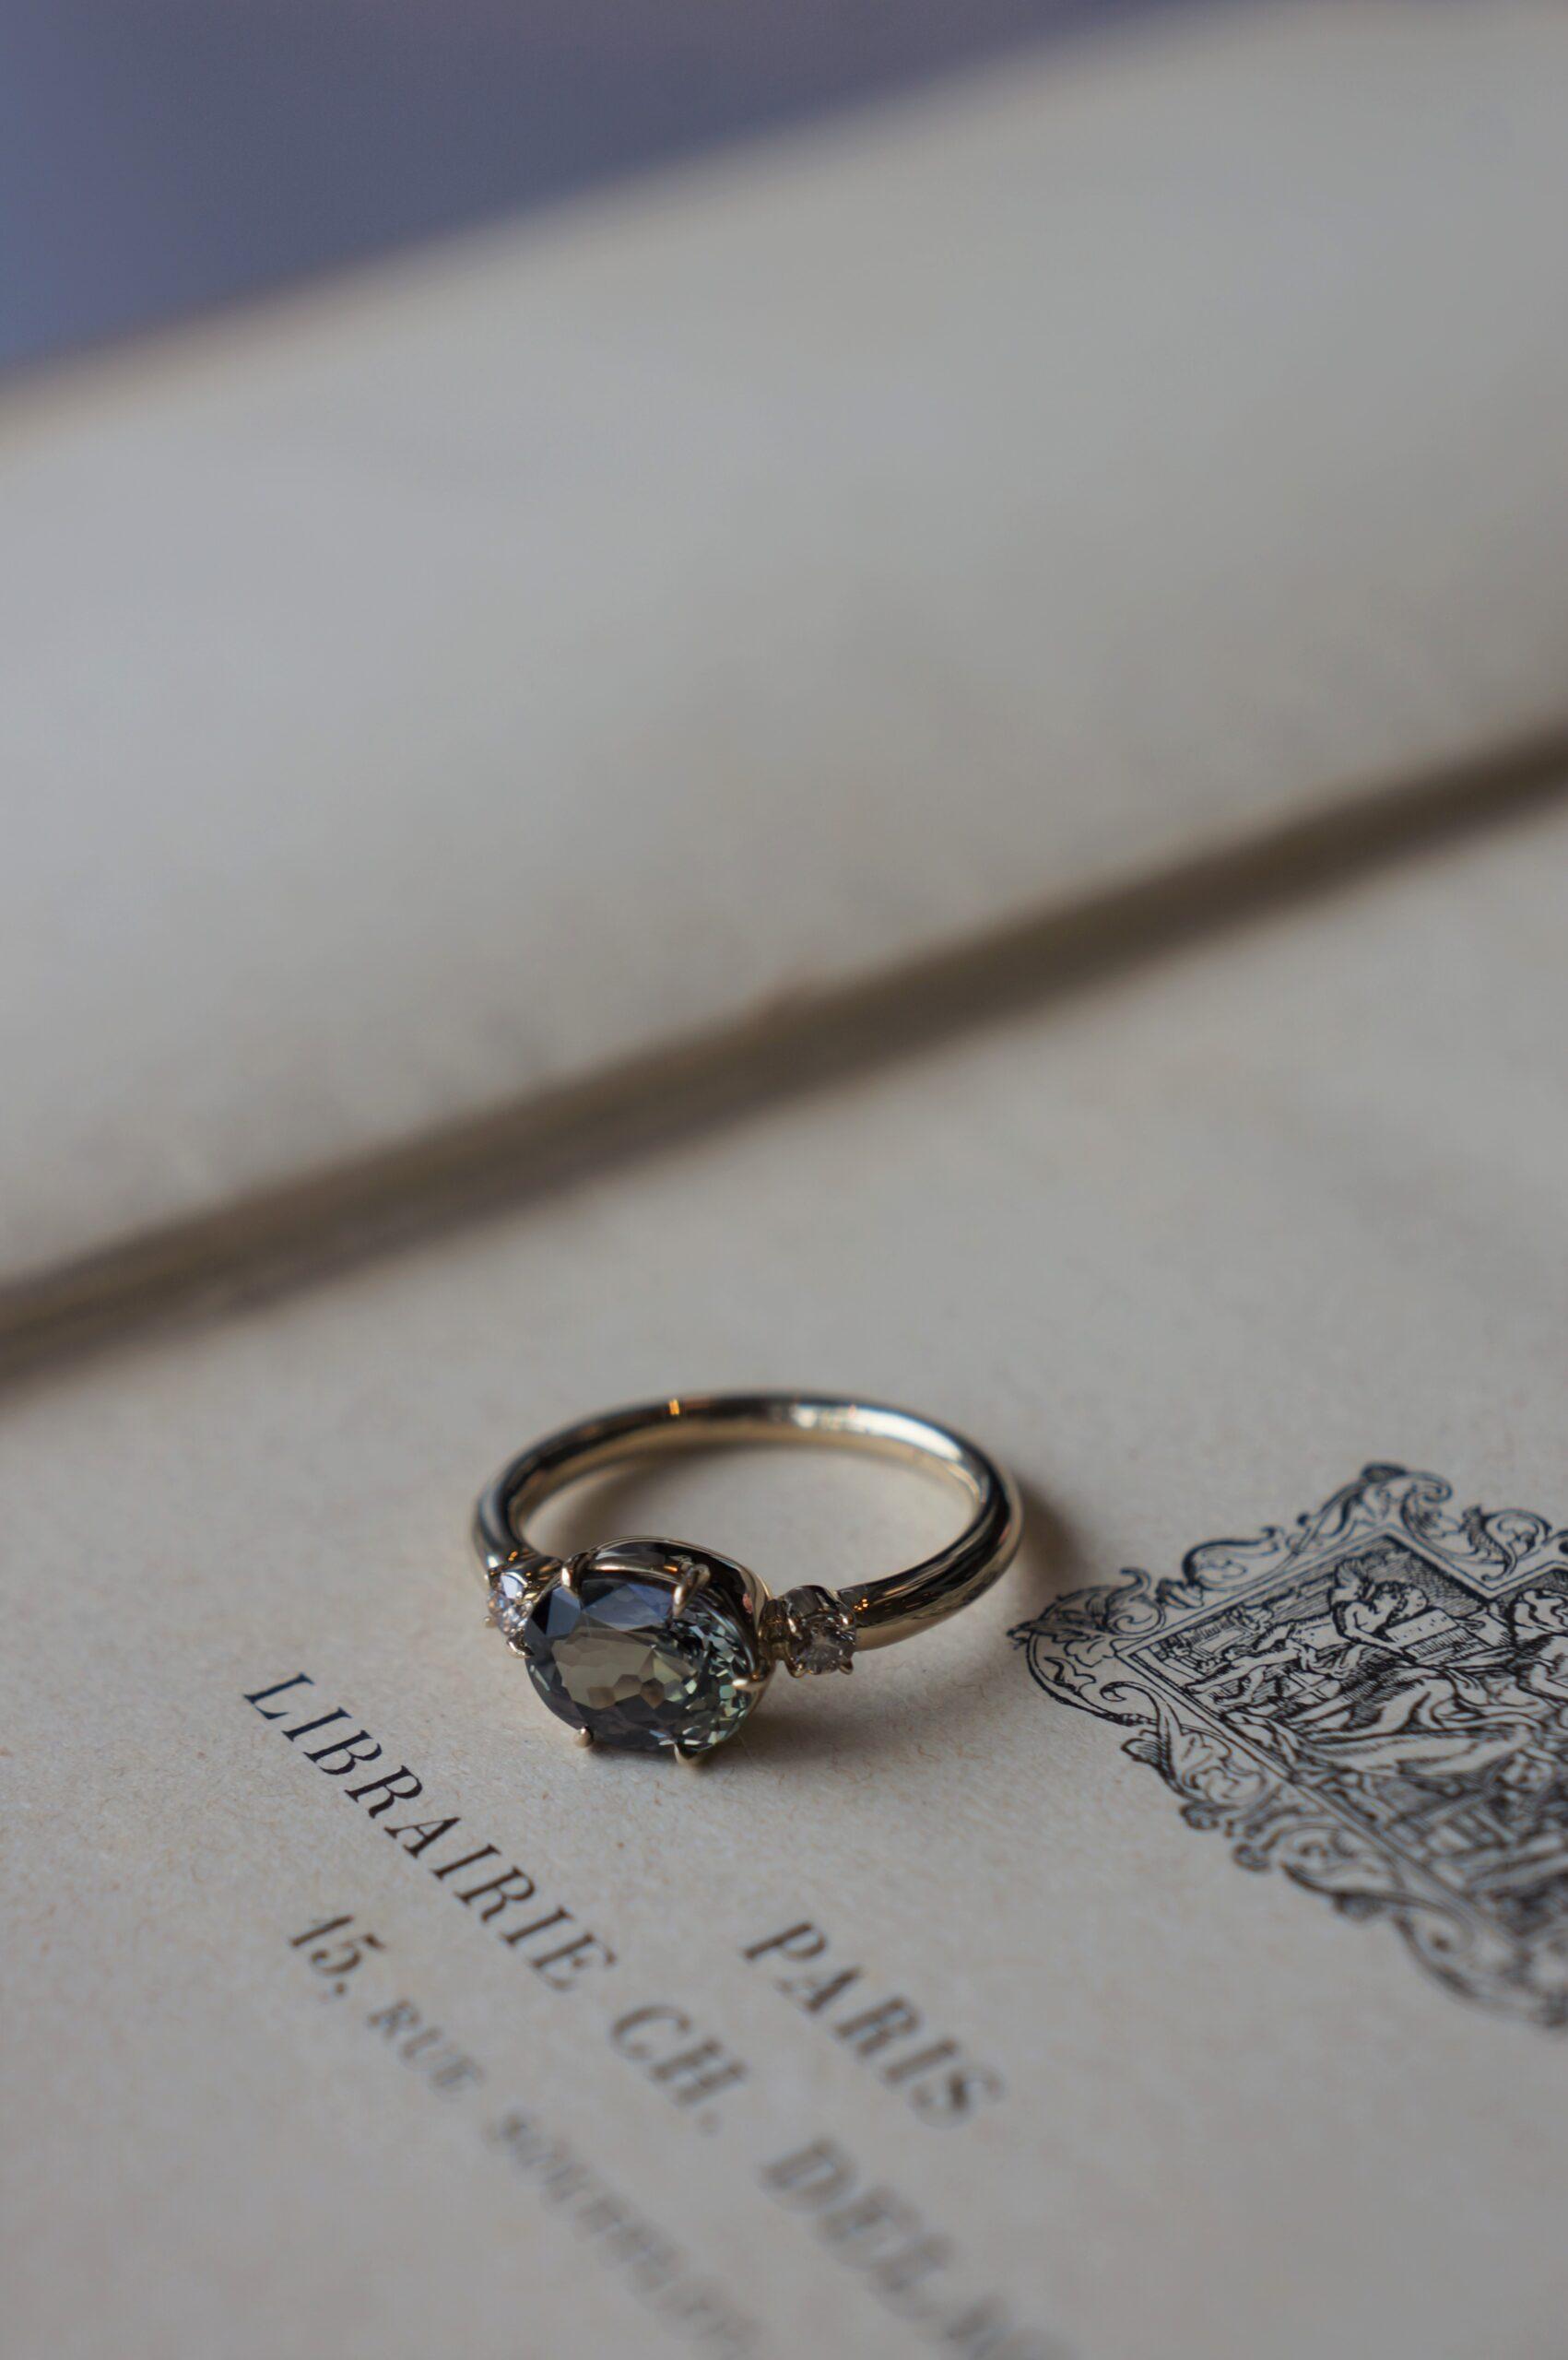 手仕事の器へと湛えられた美しき煌めき 一点ものリング お似合いの方のもとへ